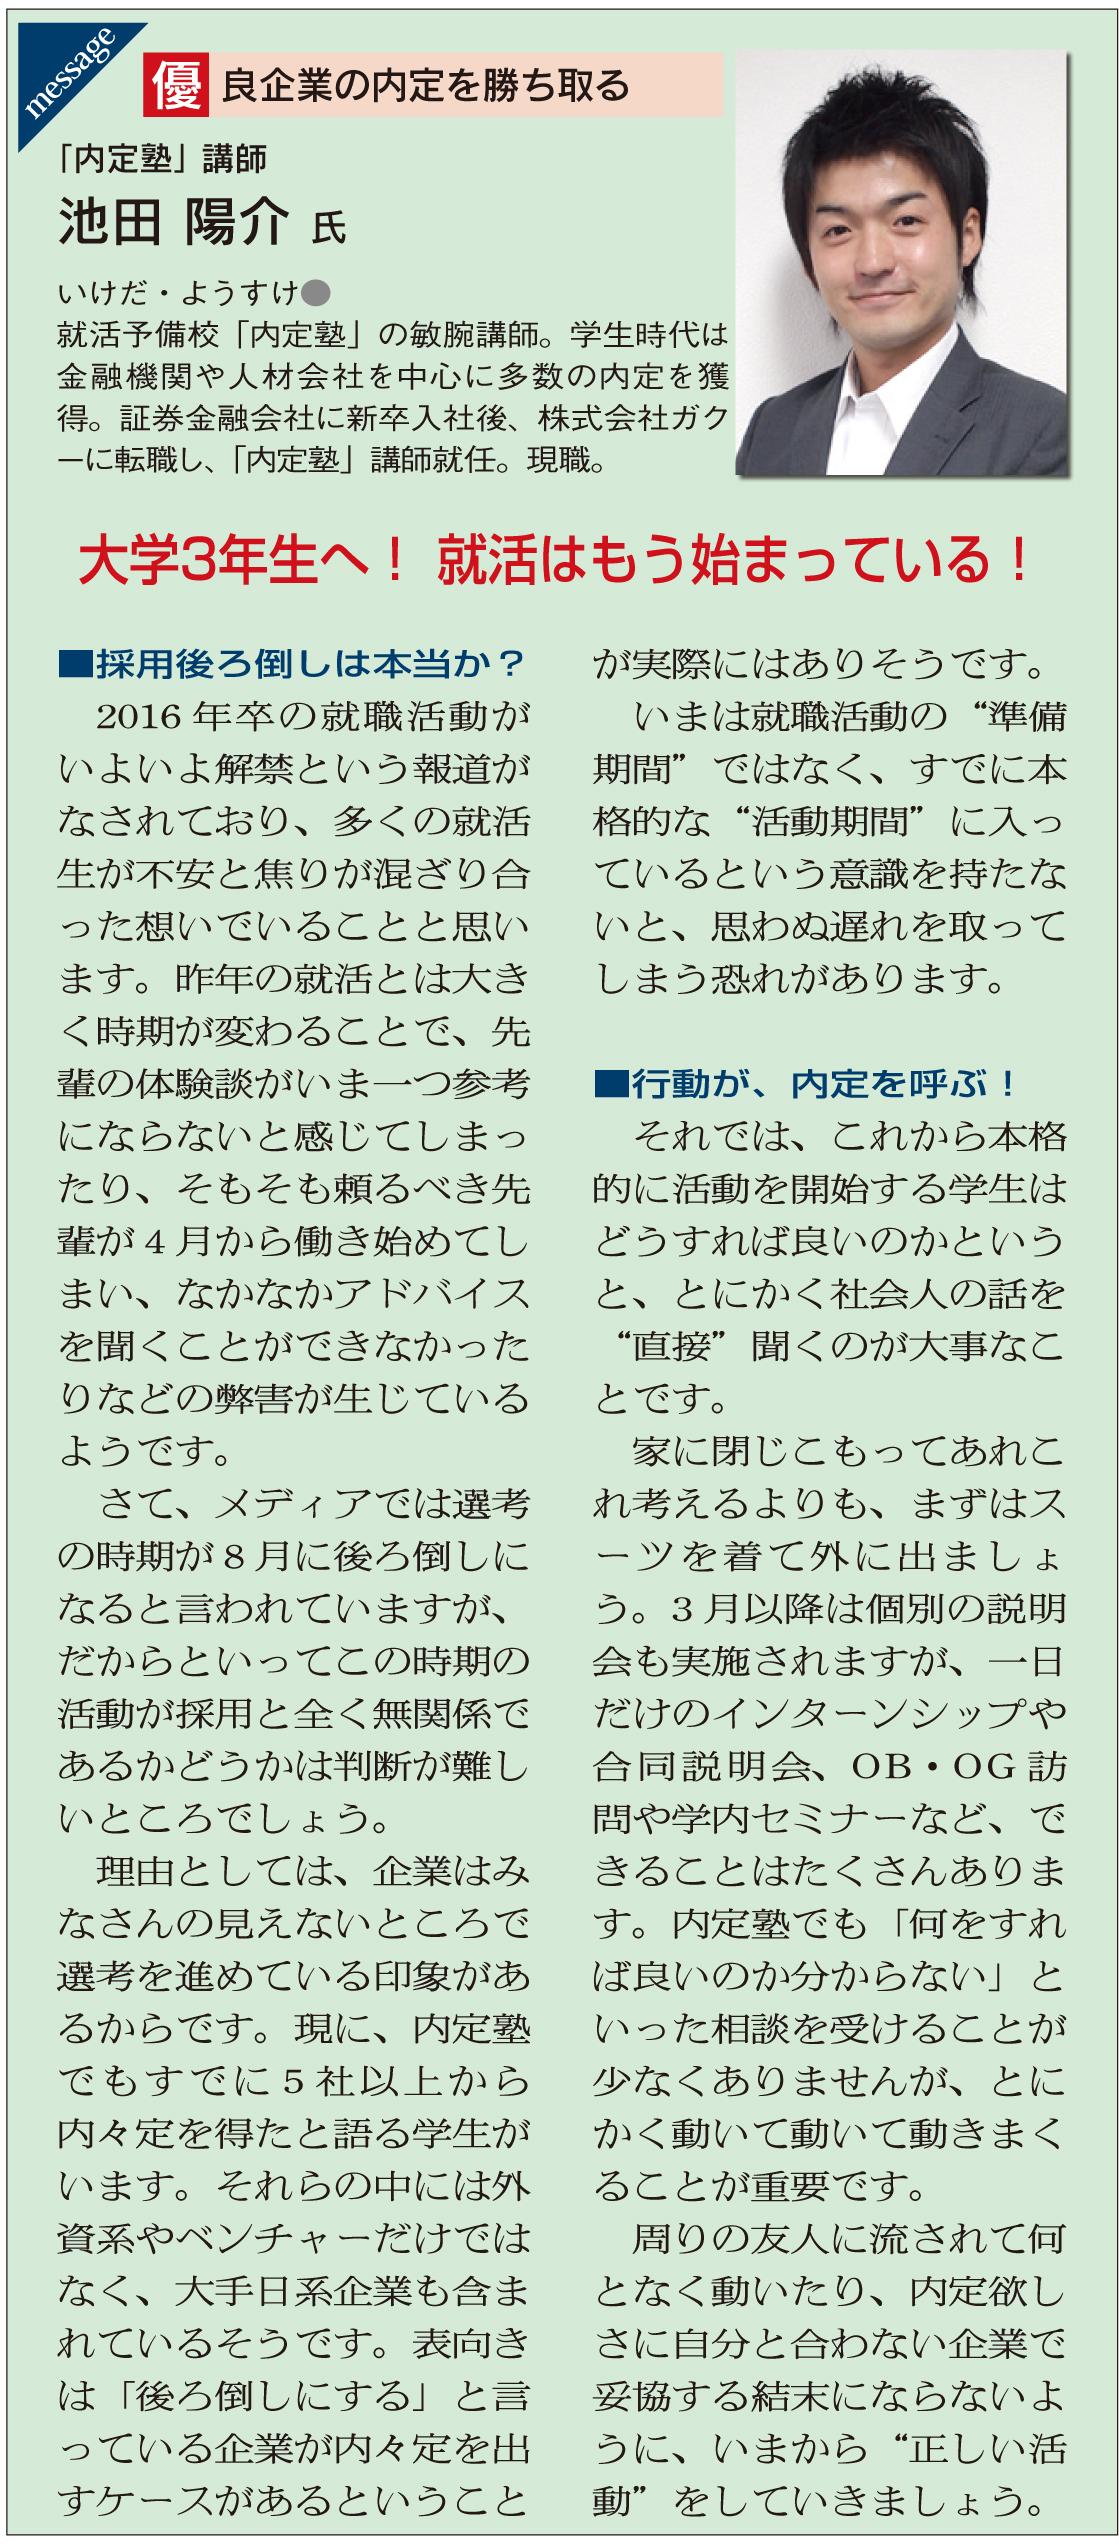 ジャーナル自社記事.indd